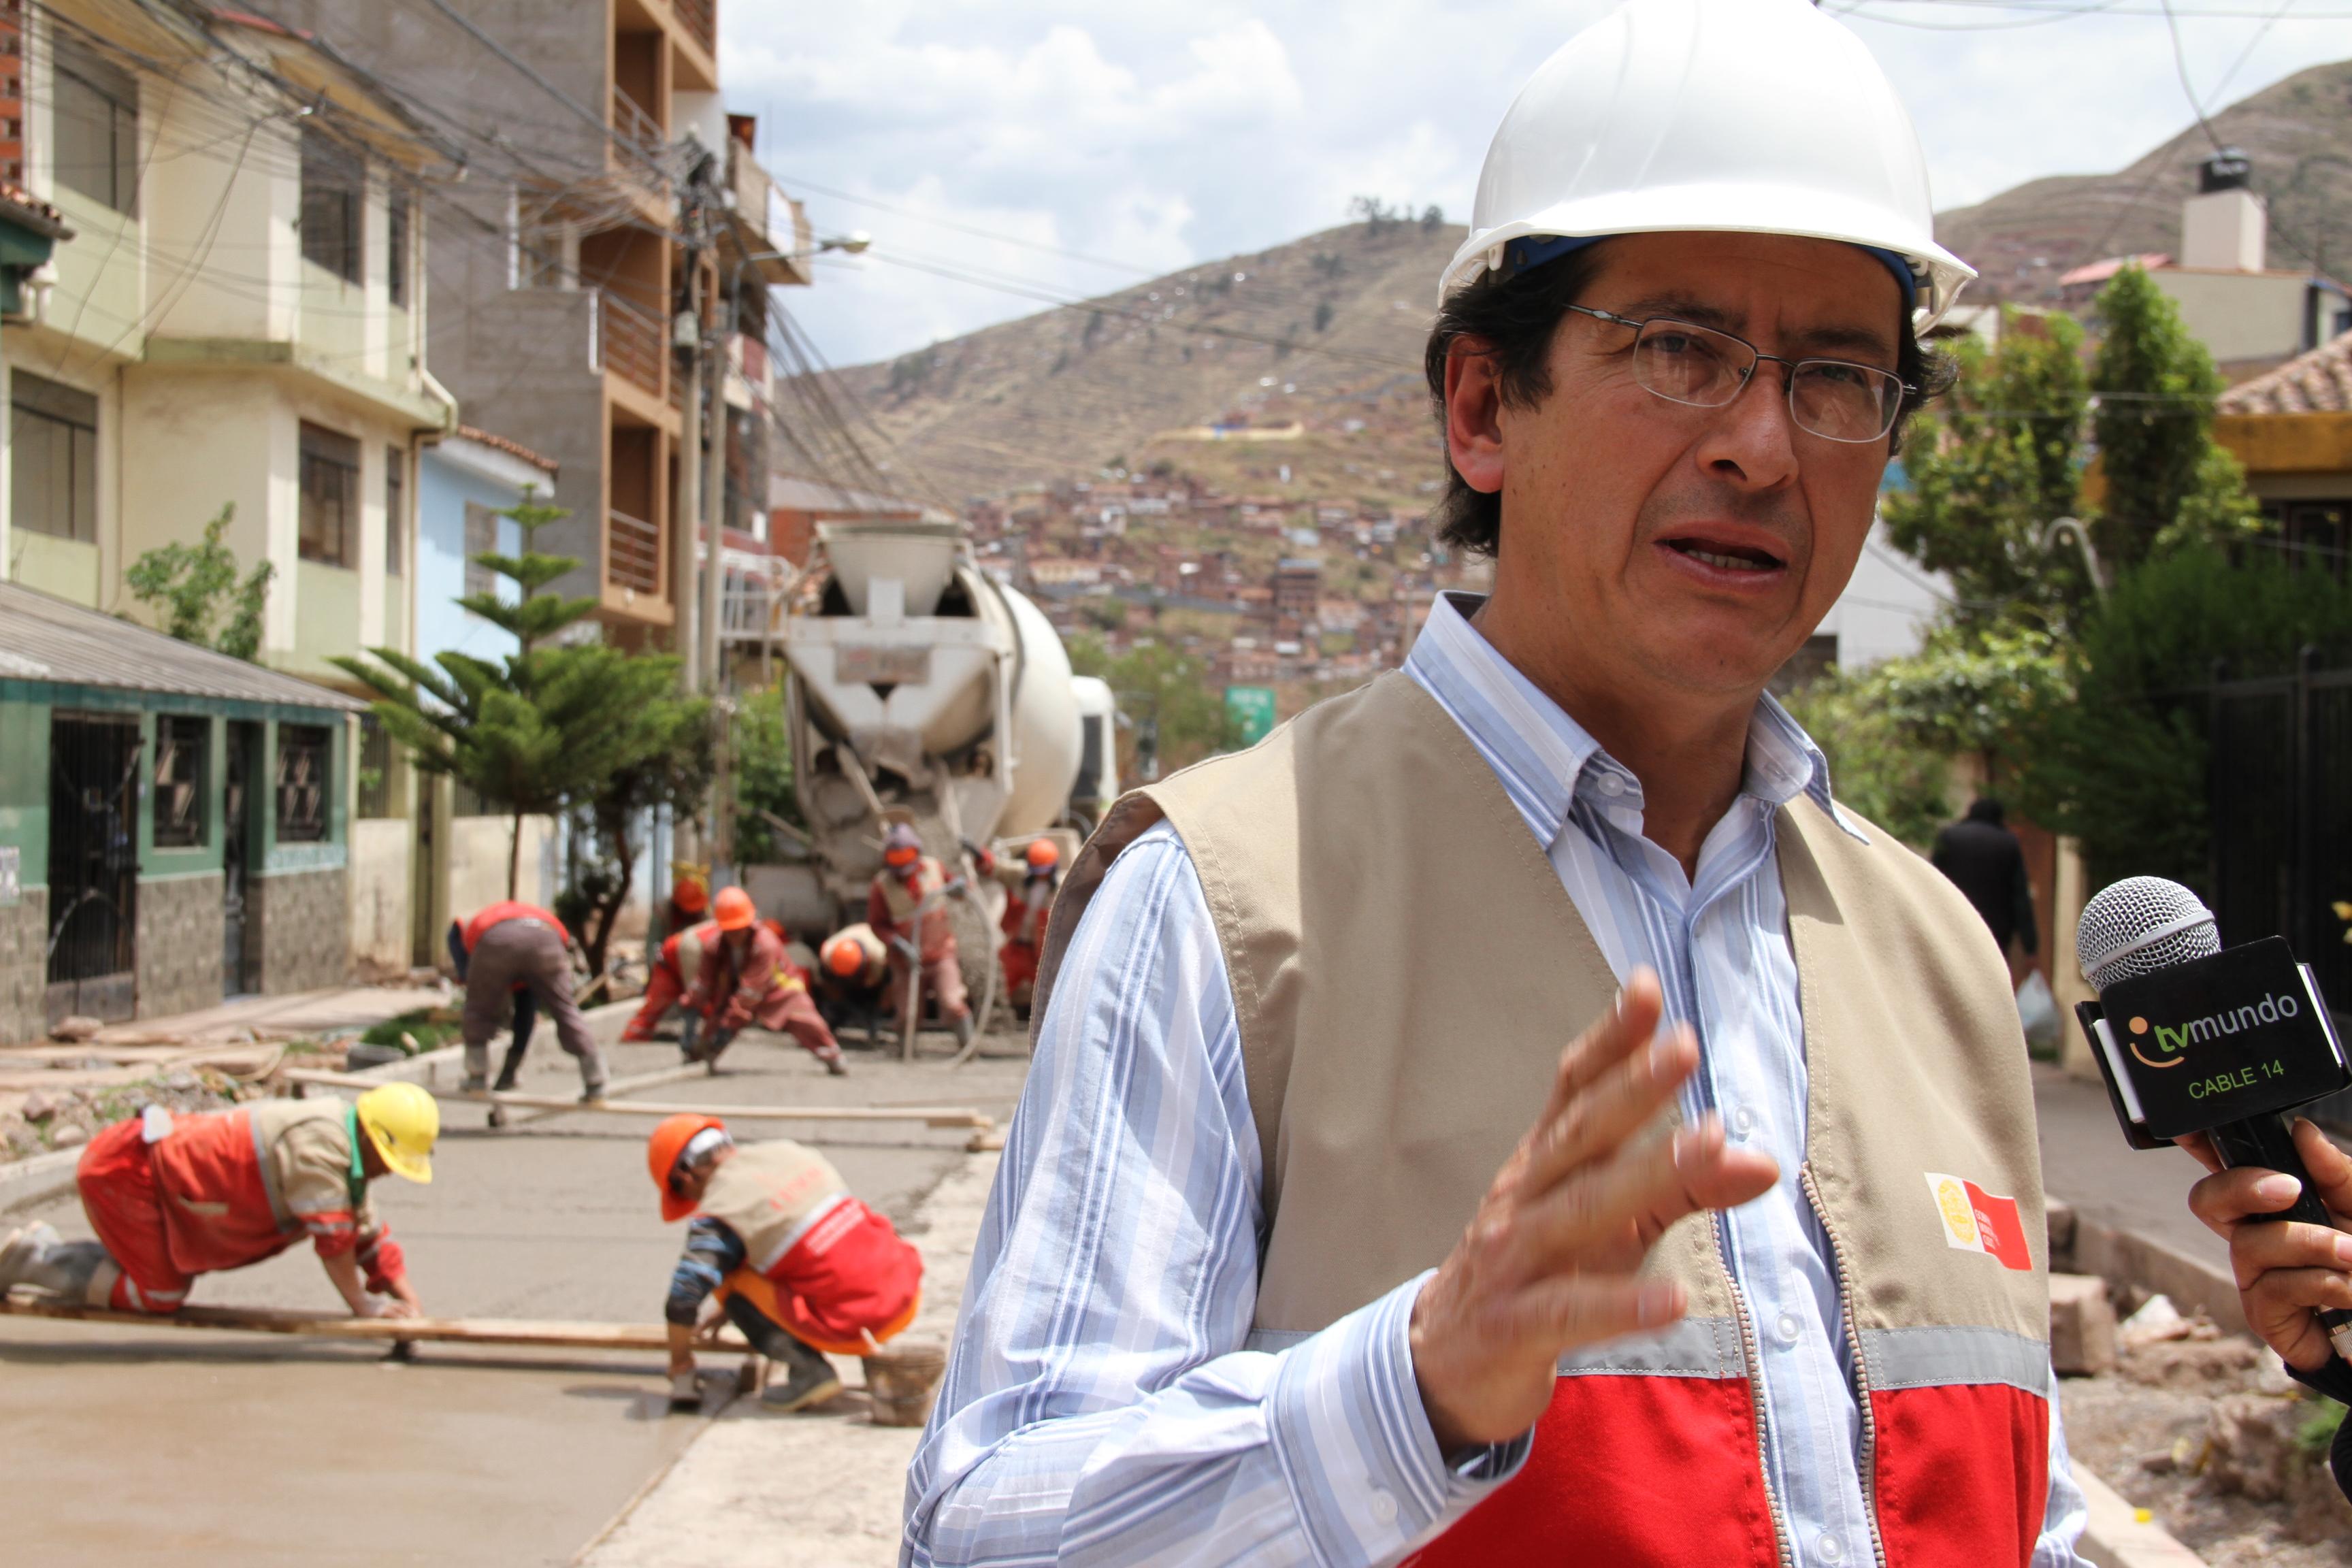 MUNICIPALIDAD DEL CUSCO LIDERA EJECUCIÓN DE GASTO PRESUPUESTAL EN CAPITALES DE PROVINCIAS SEGÚN MINISTERIO DE ECONOMÍA Y FINANZAS